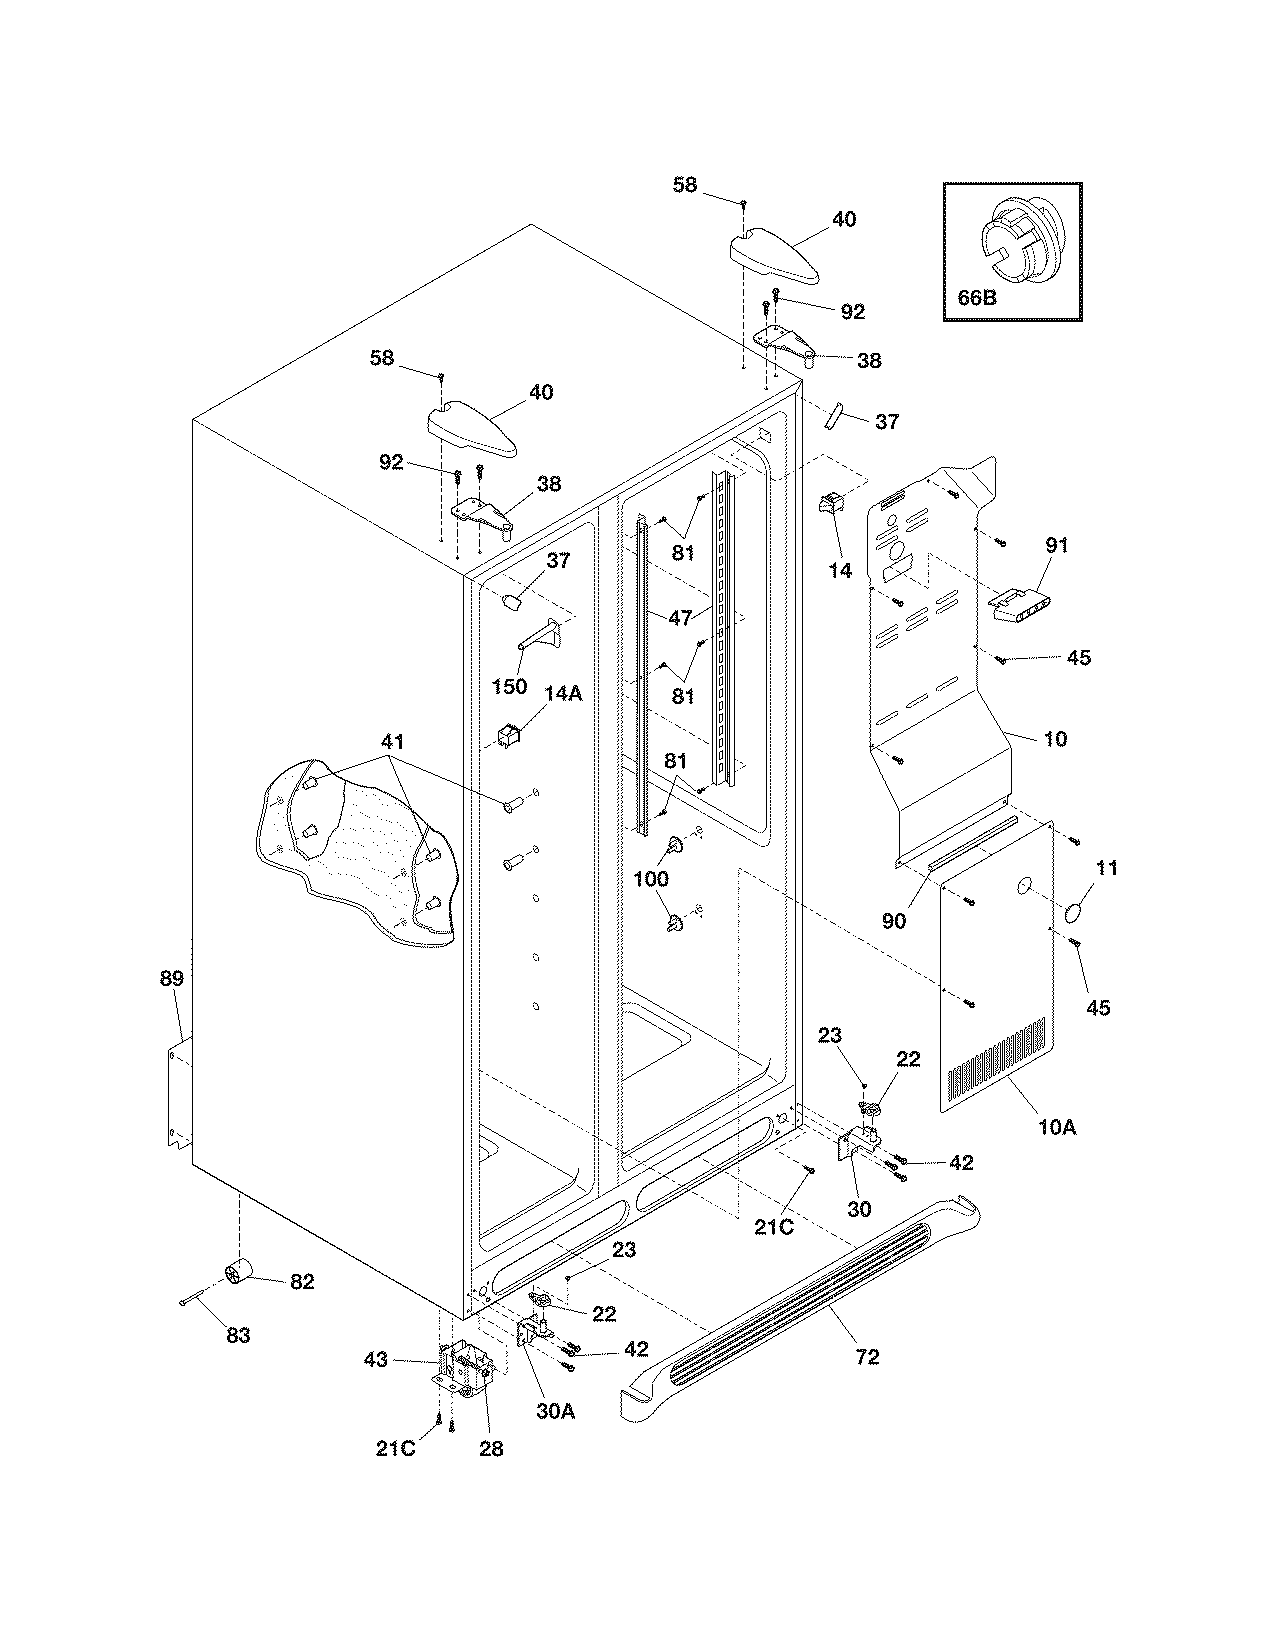 CABINET Diagram & Parts List for Model frs6hr5jb0